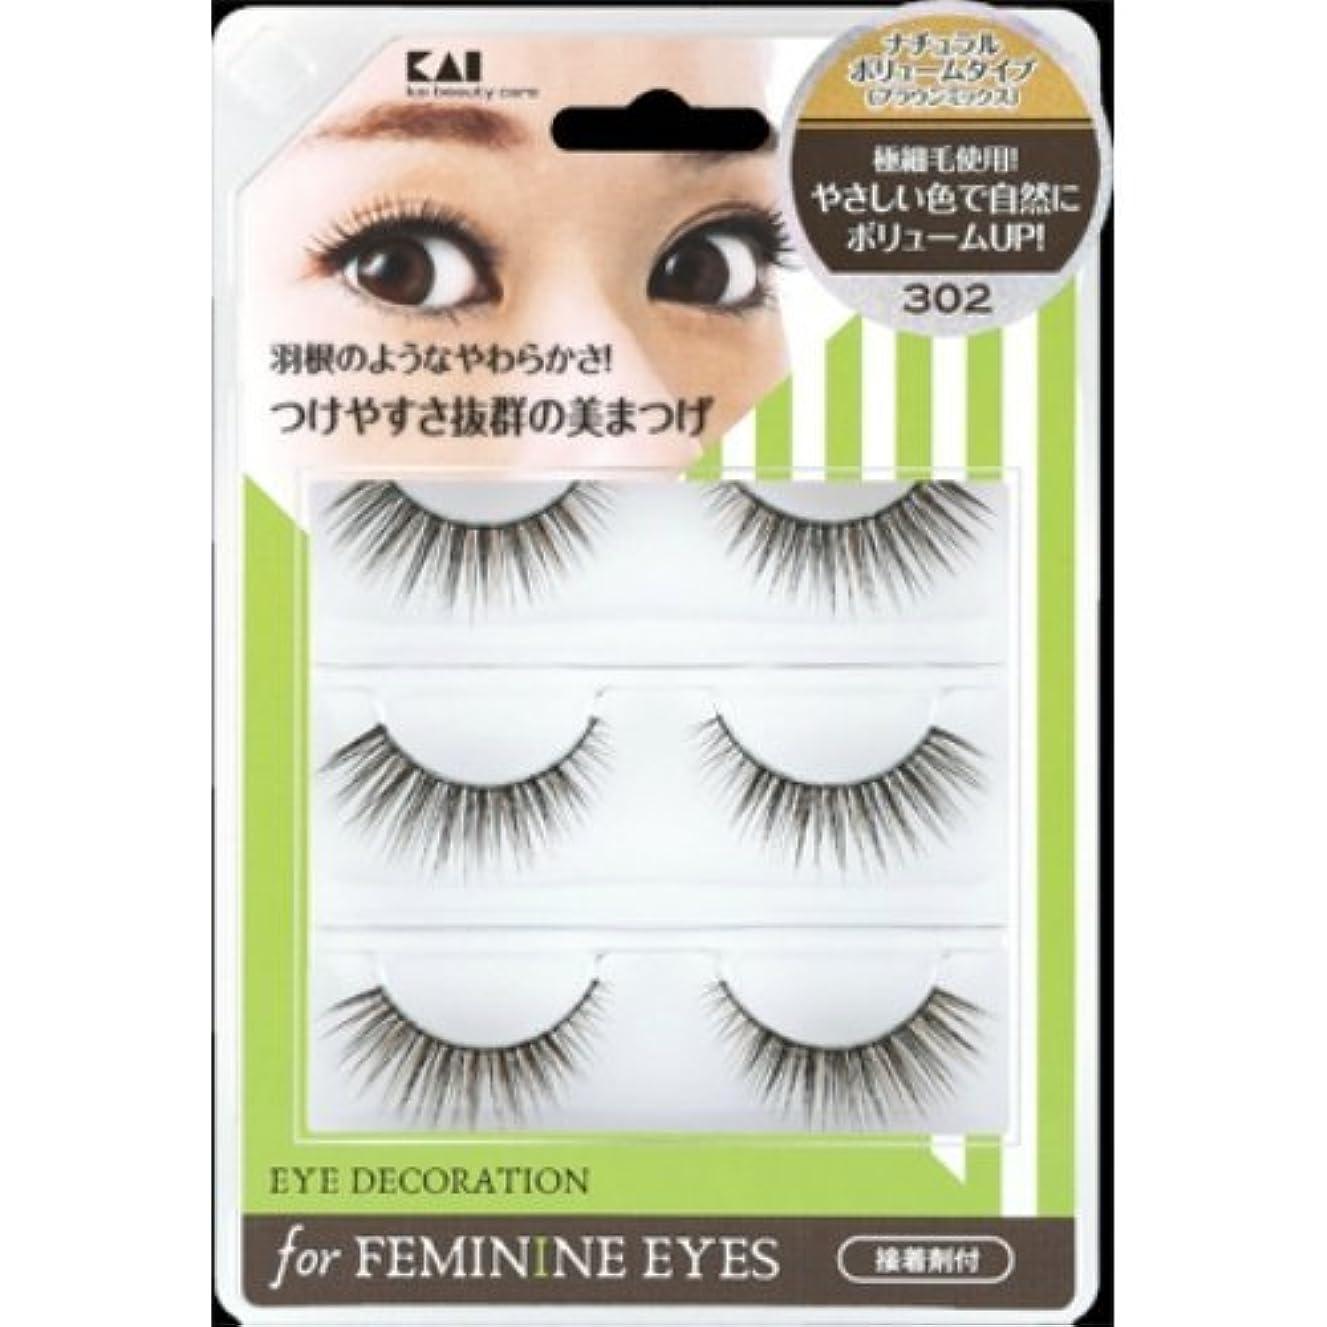 ヘア衣装許可する貝印 アイデコレーション for feminine eyes 302 HC1562